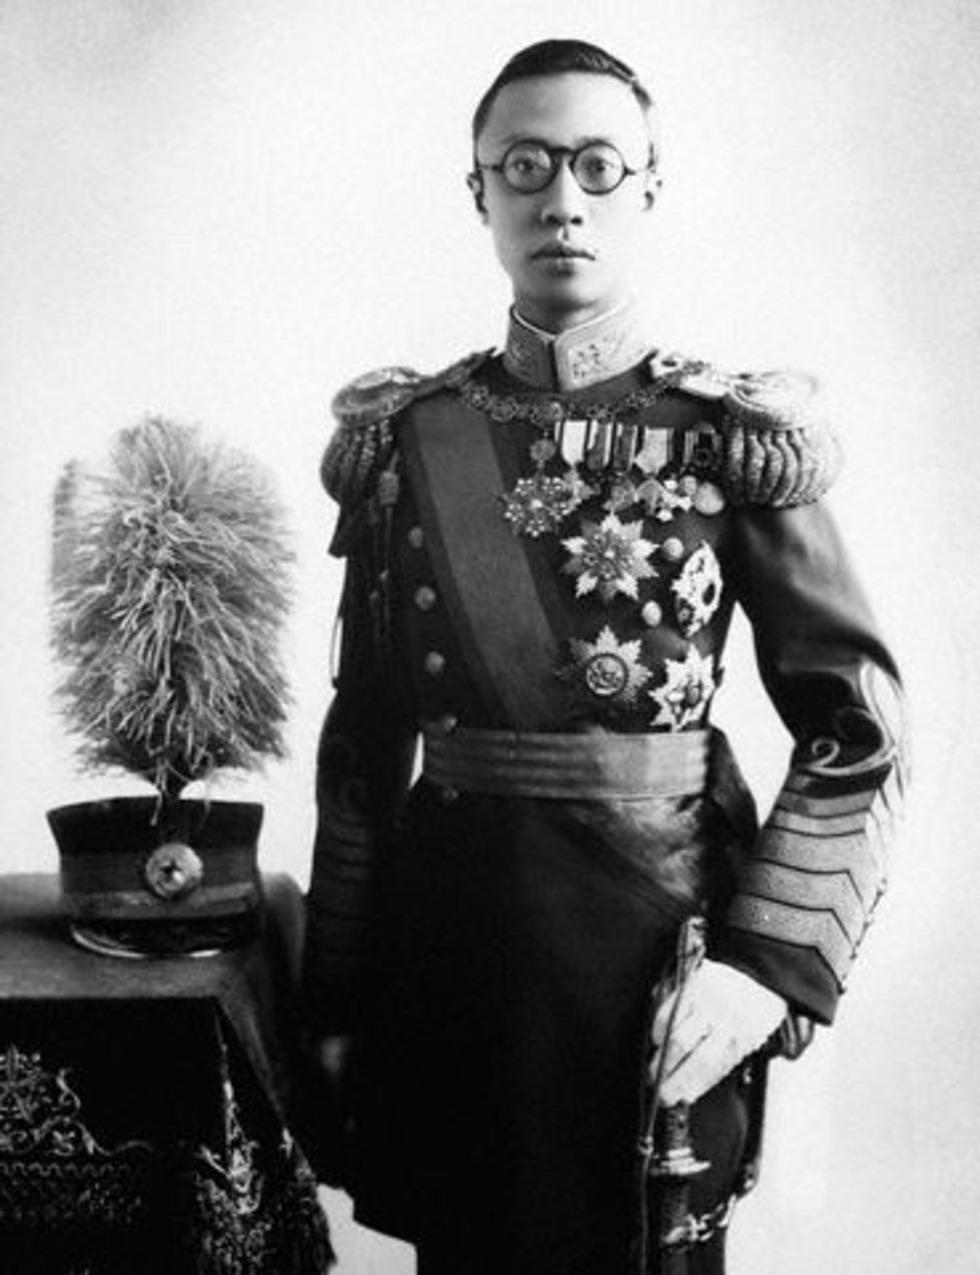 02.12.1908 – Puyi wurde Kaiser der Qing-Dynastie